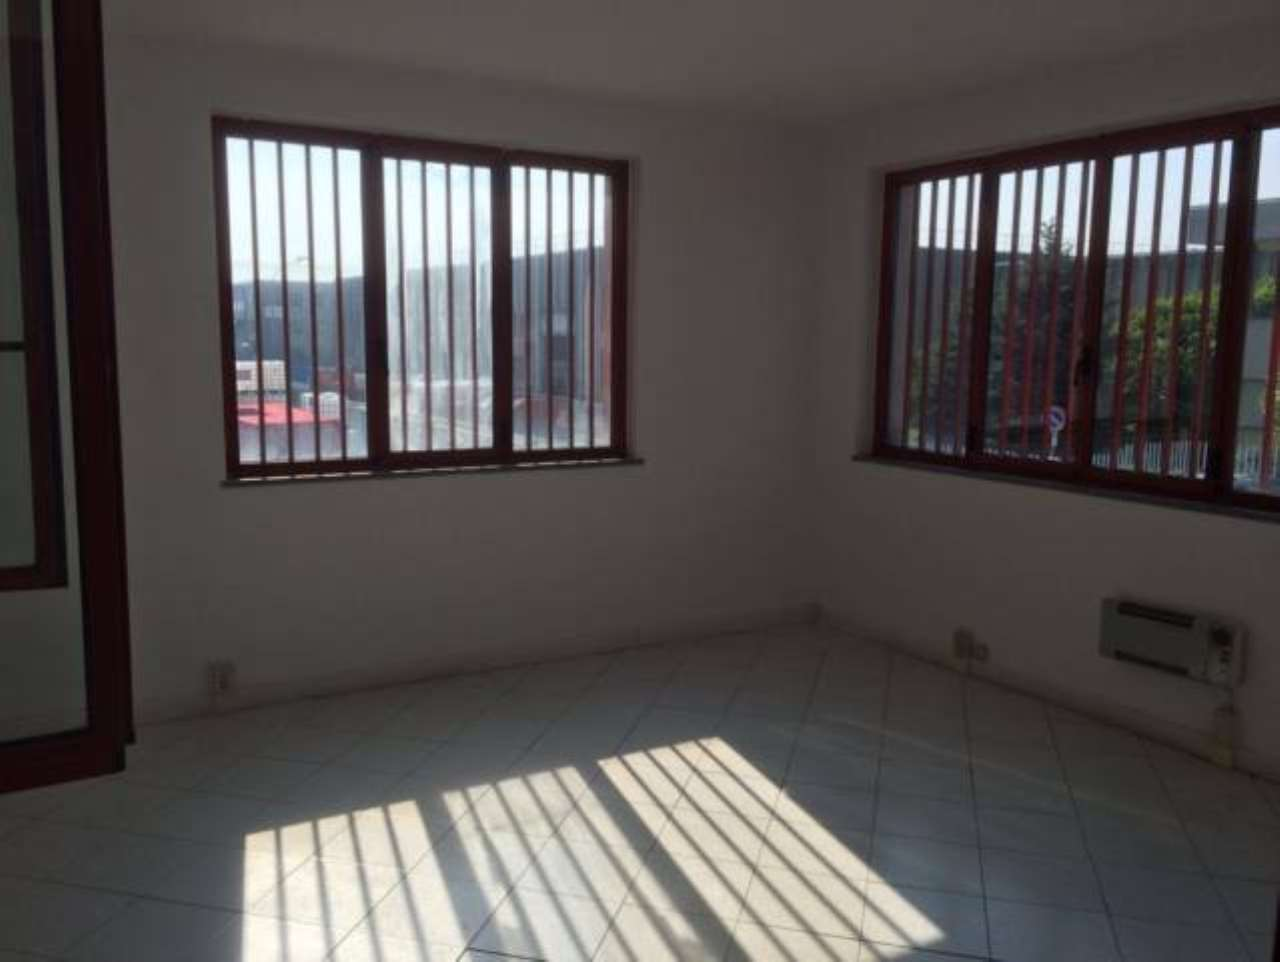 Capannone in vendita a Trezzano Rosa, 6 locali, prezzo € 650.000 | PortaleAgenzieImmobiliari.it